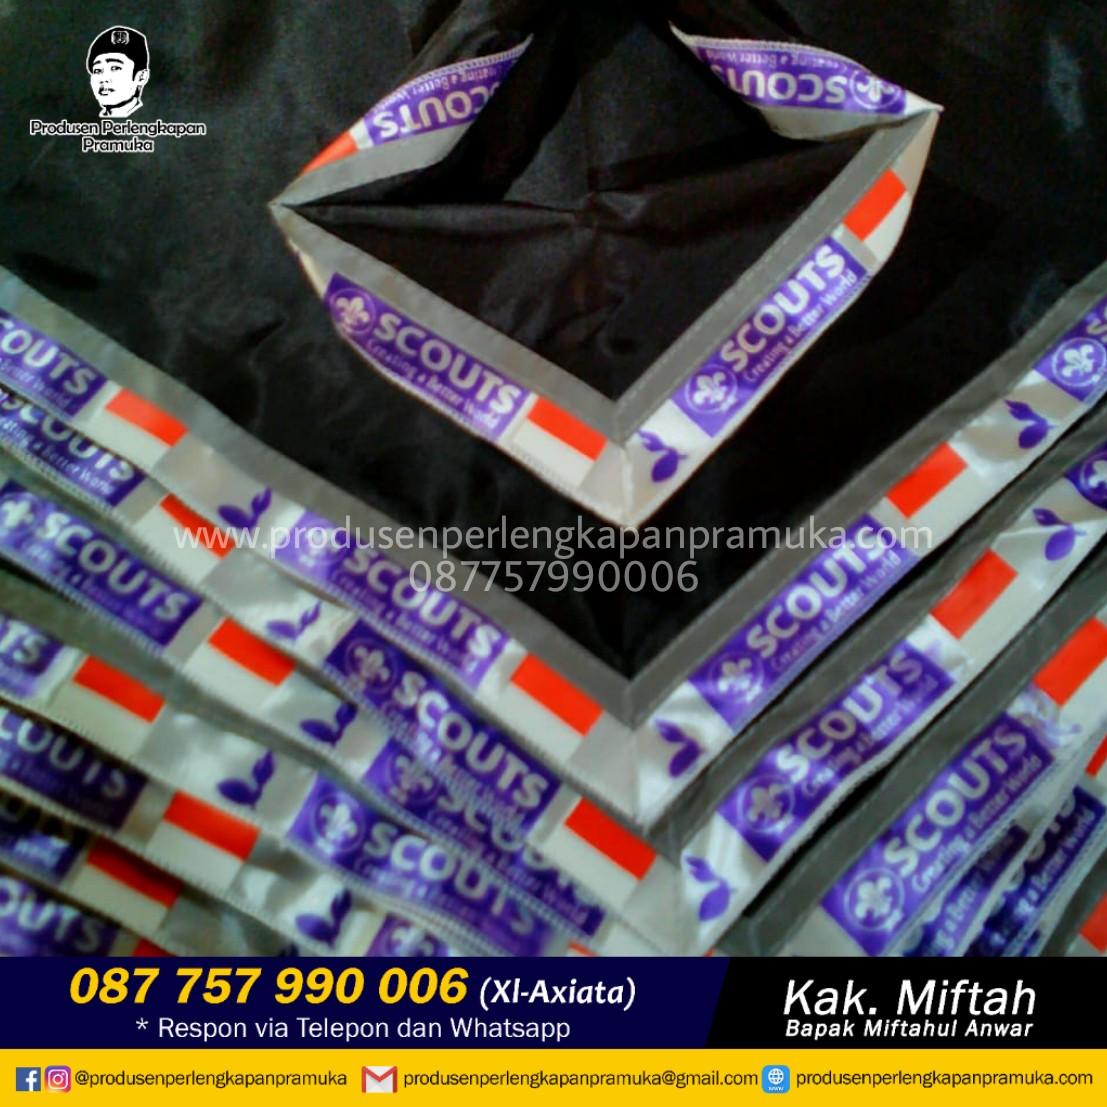 WA : +62 877-5799-0006 Jual Scarf Pramuka Jawa Timur | Grosir Scarf Pramuka Jawa Timur | Produsen Scarf Pramuka Jawa Timur